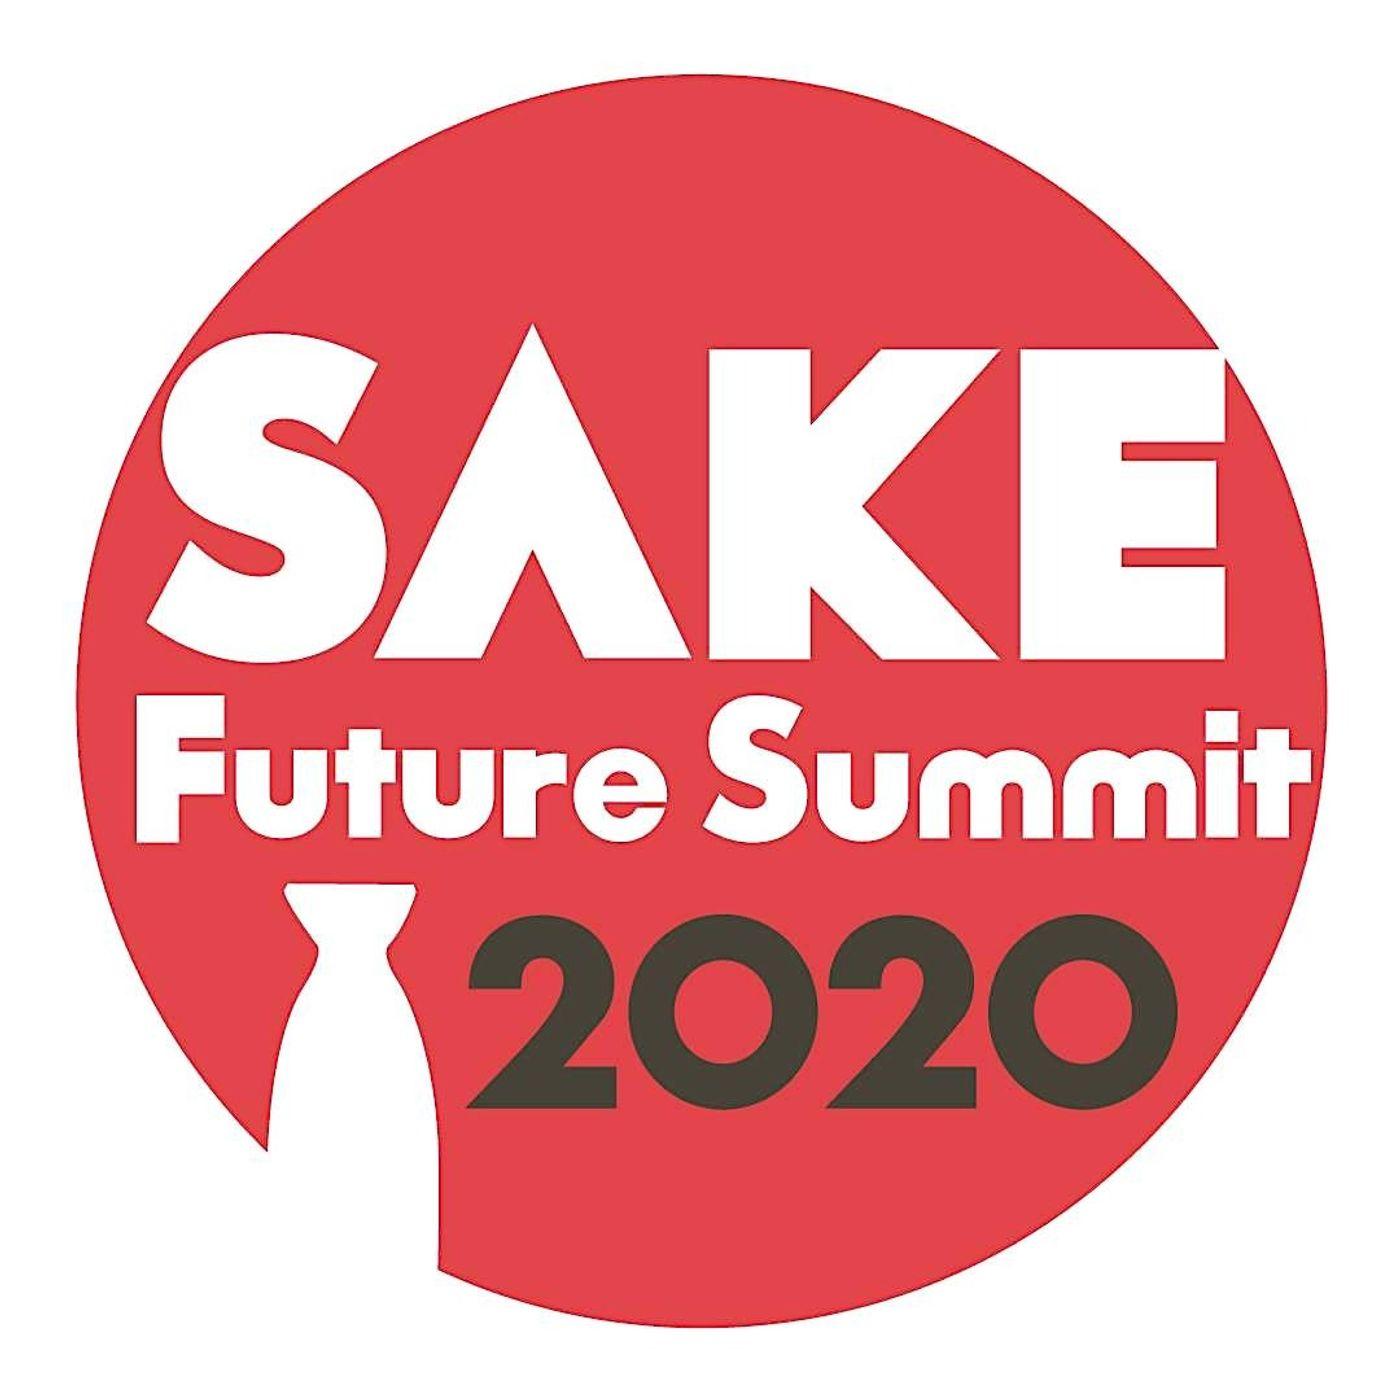 Takeaways From Sake Future Summit 2020